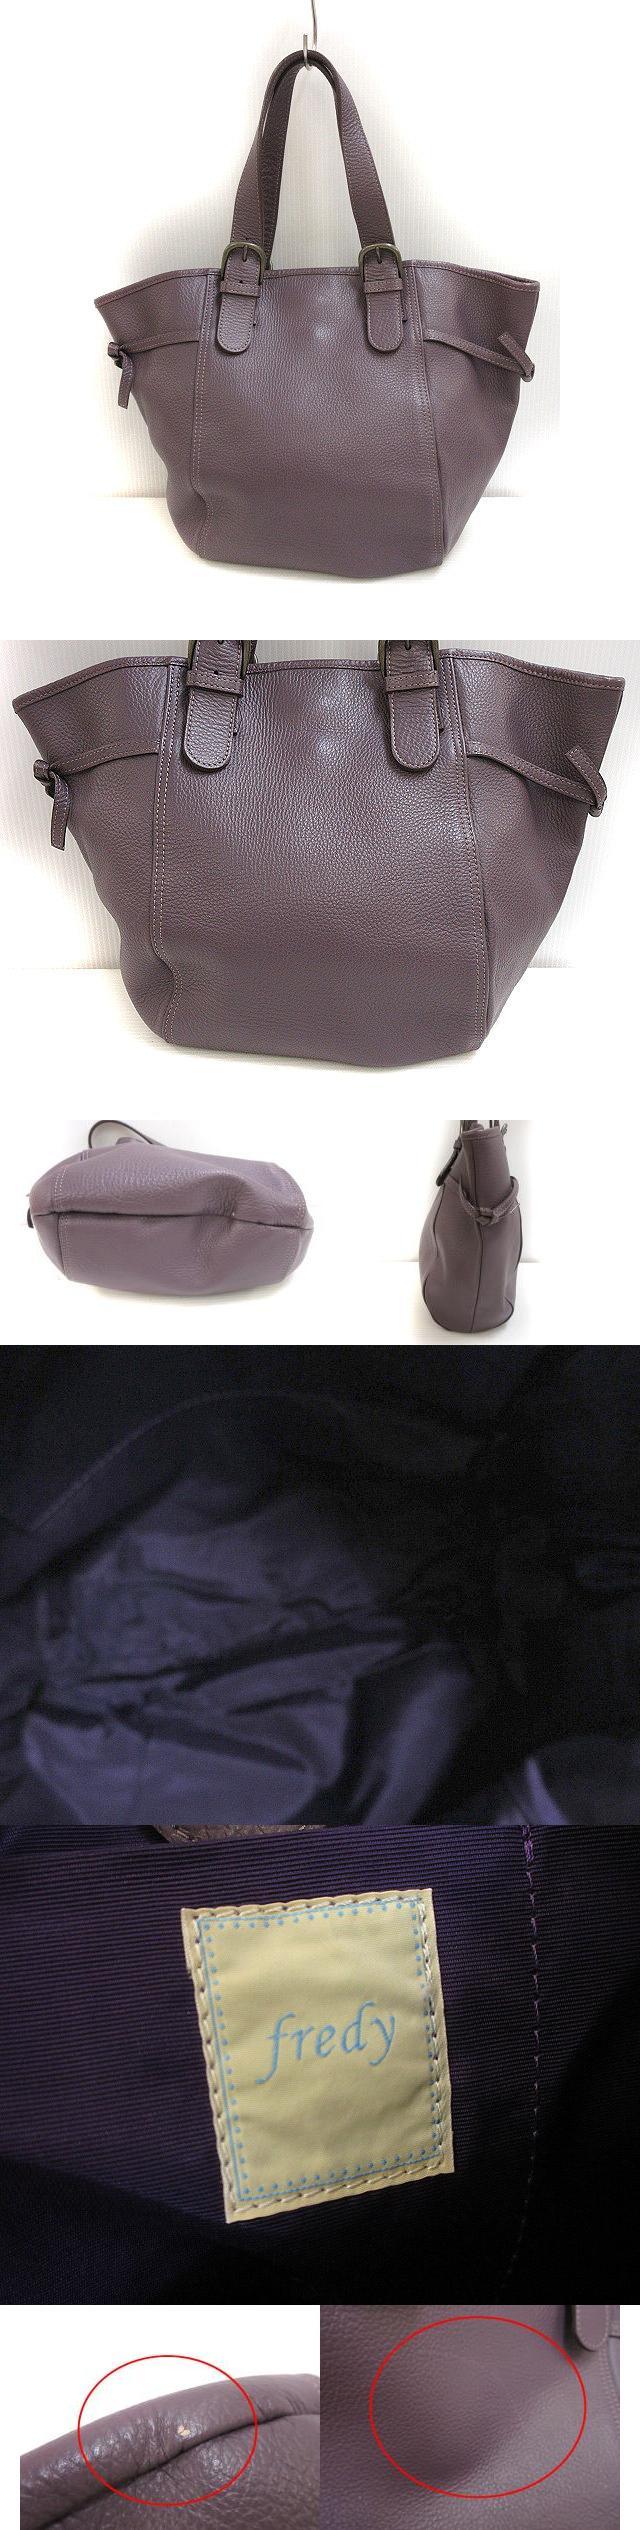 レザー トート バッグ ハンド 手提げ パープル系 かばん 鞄